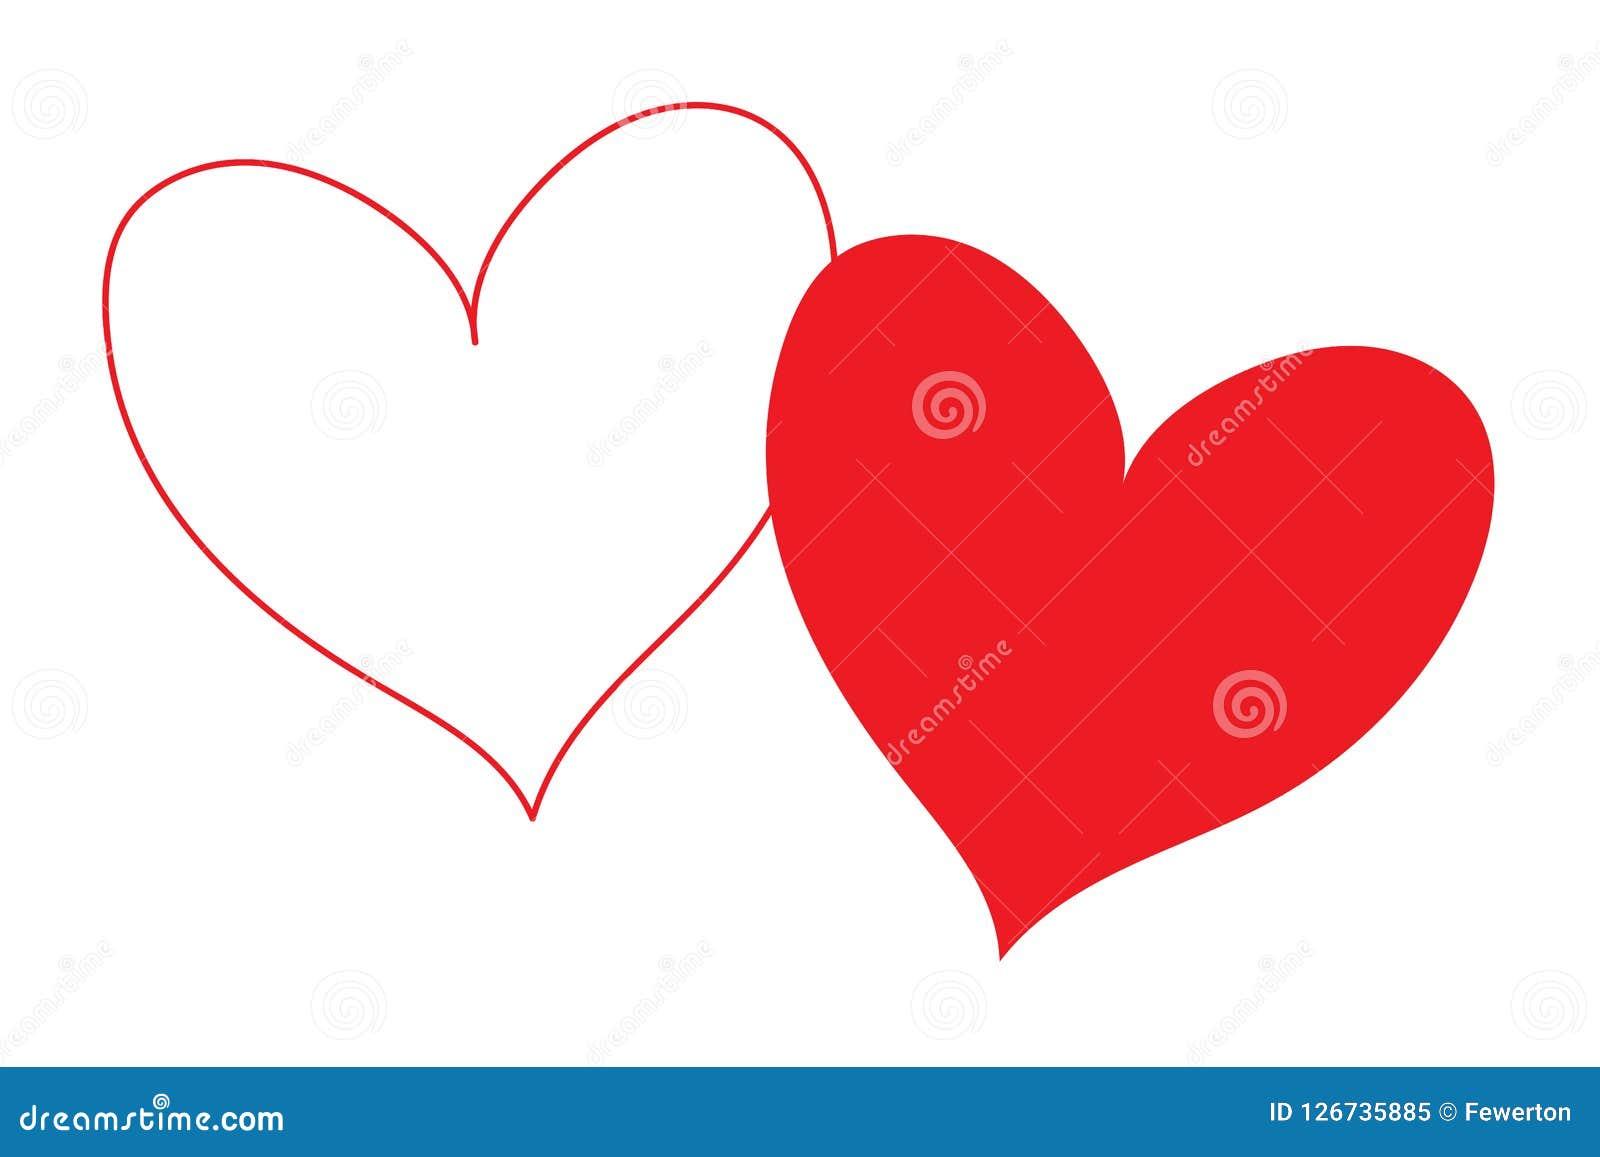 Corazón blanco con contorno rojo del esquema y corazón rojo del terraplén que coincide y aislado en parte en un fondo transparent